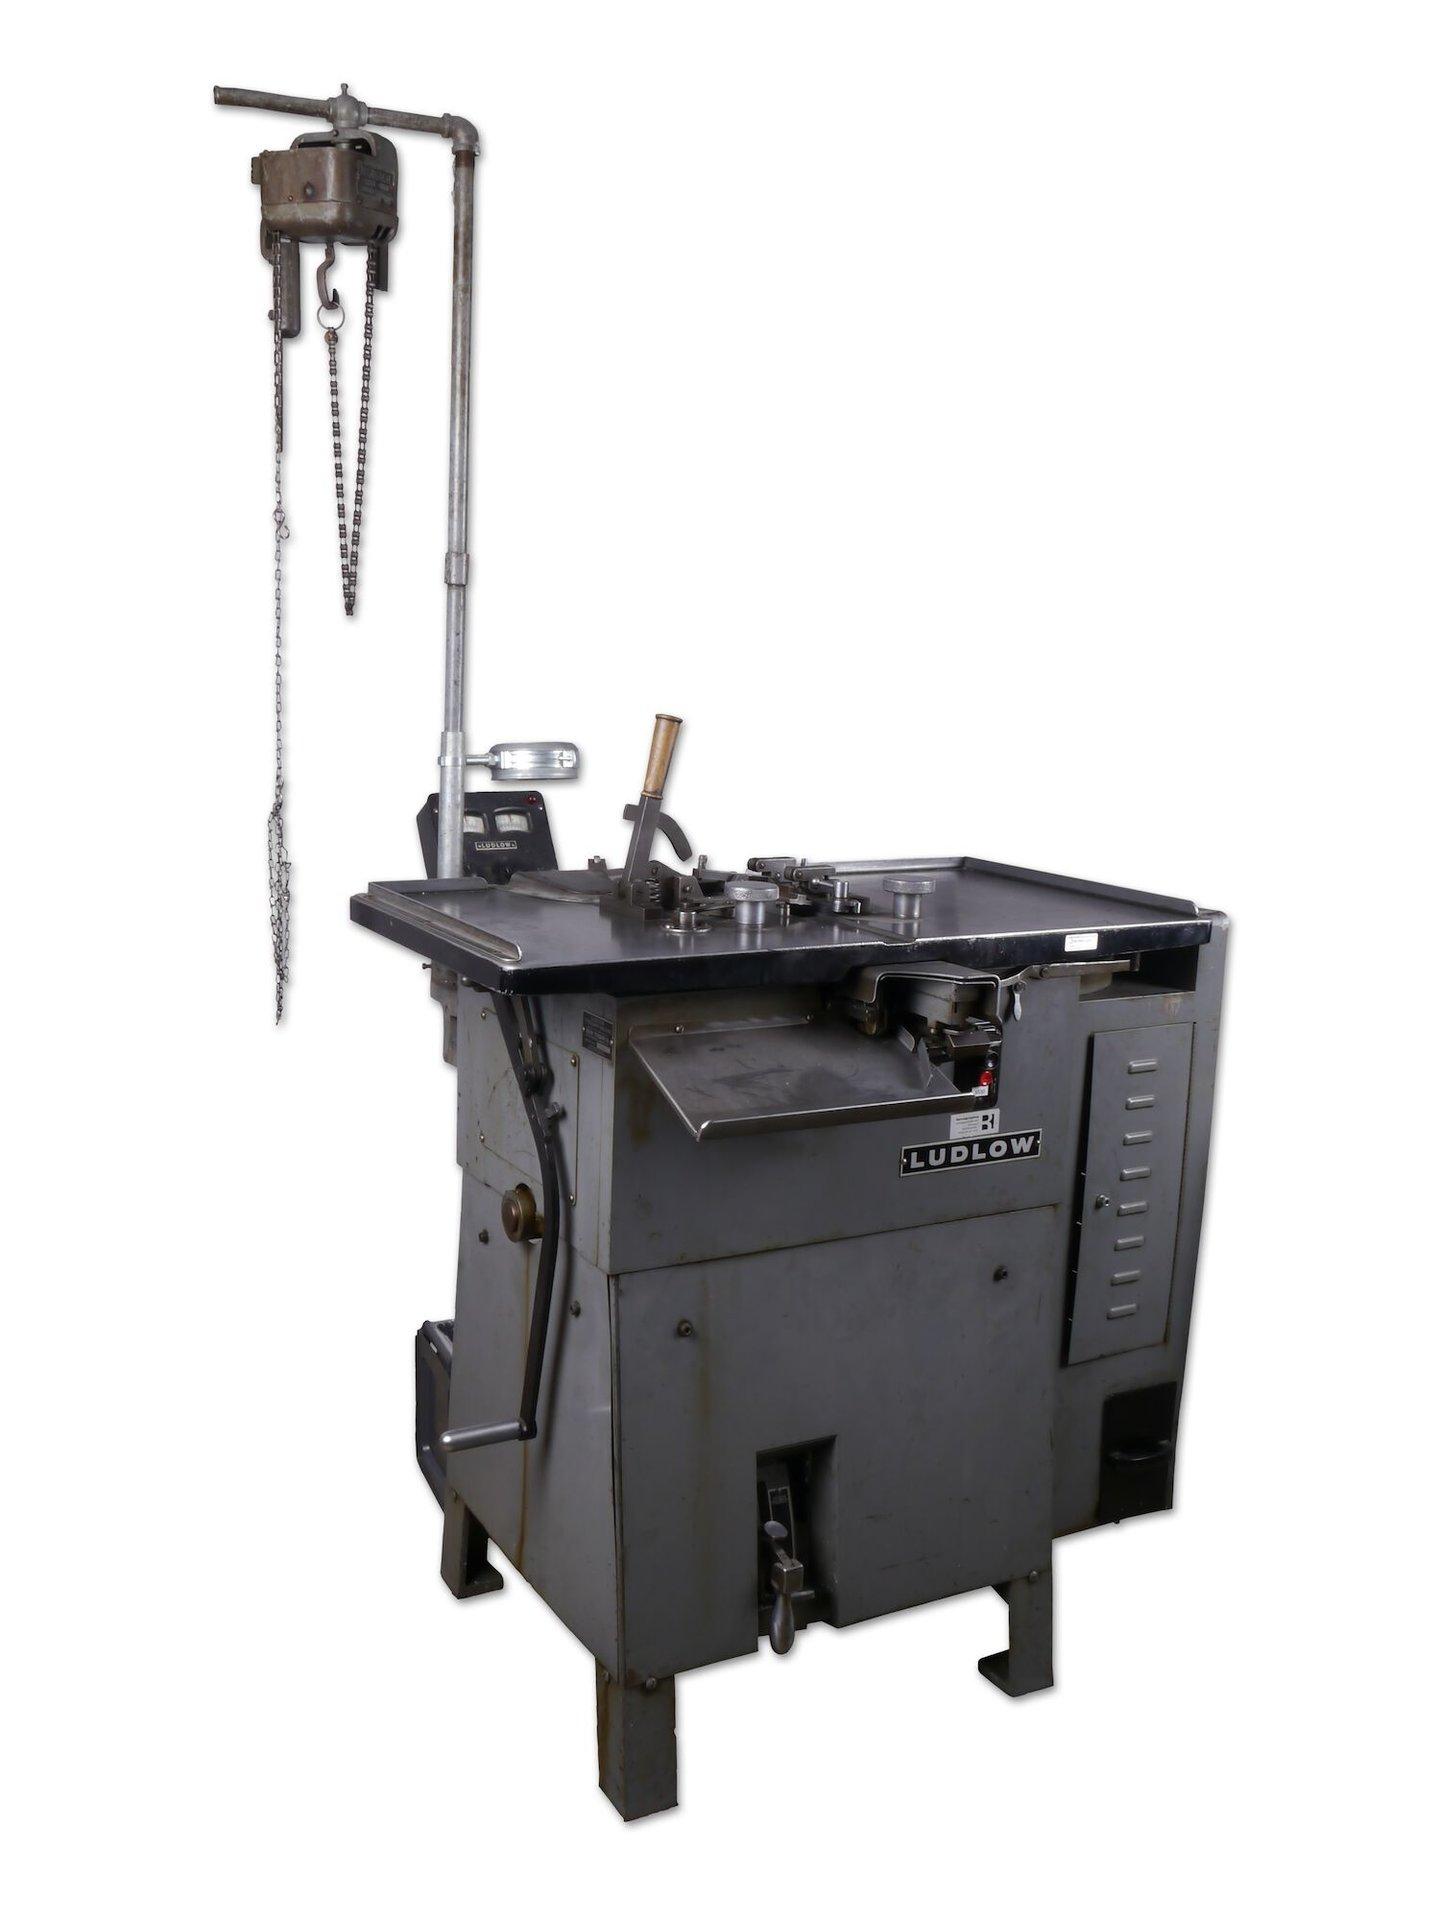 Regelzetmachine van het merk Ludlow